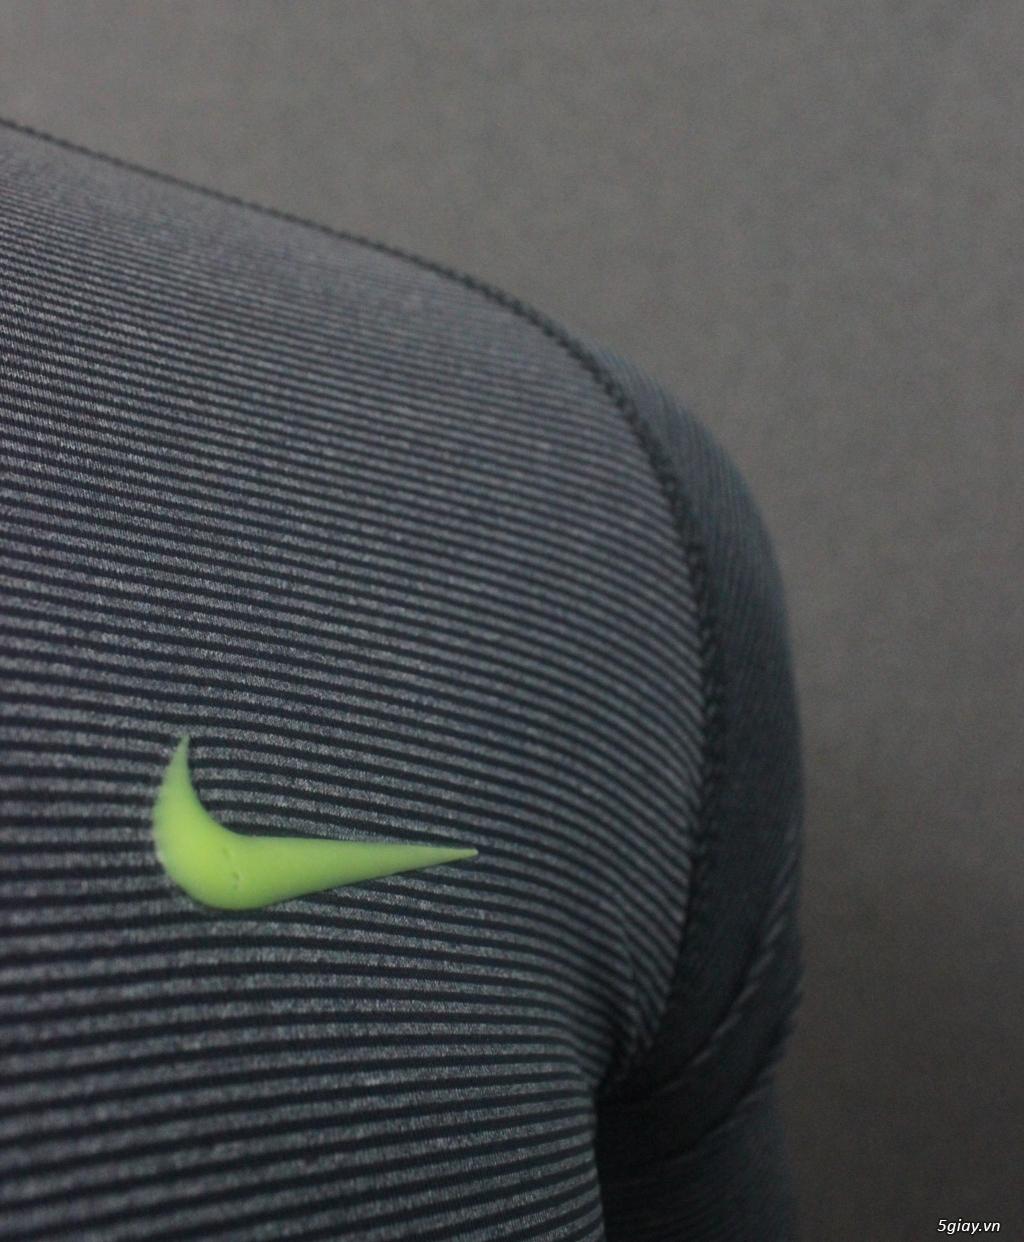 Chuyên cung cấp quần áo thể thao Adidas,Nike,Under Armour,Puma...trên Toàn Quốc giá xưởng - 14